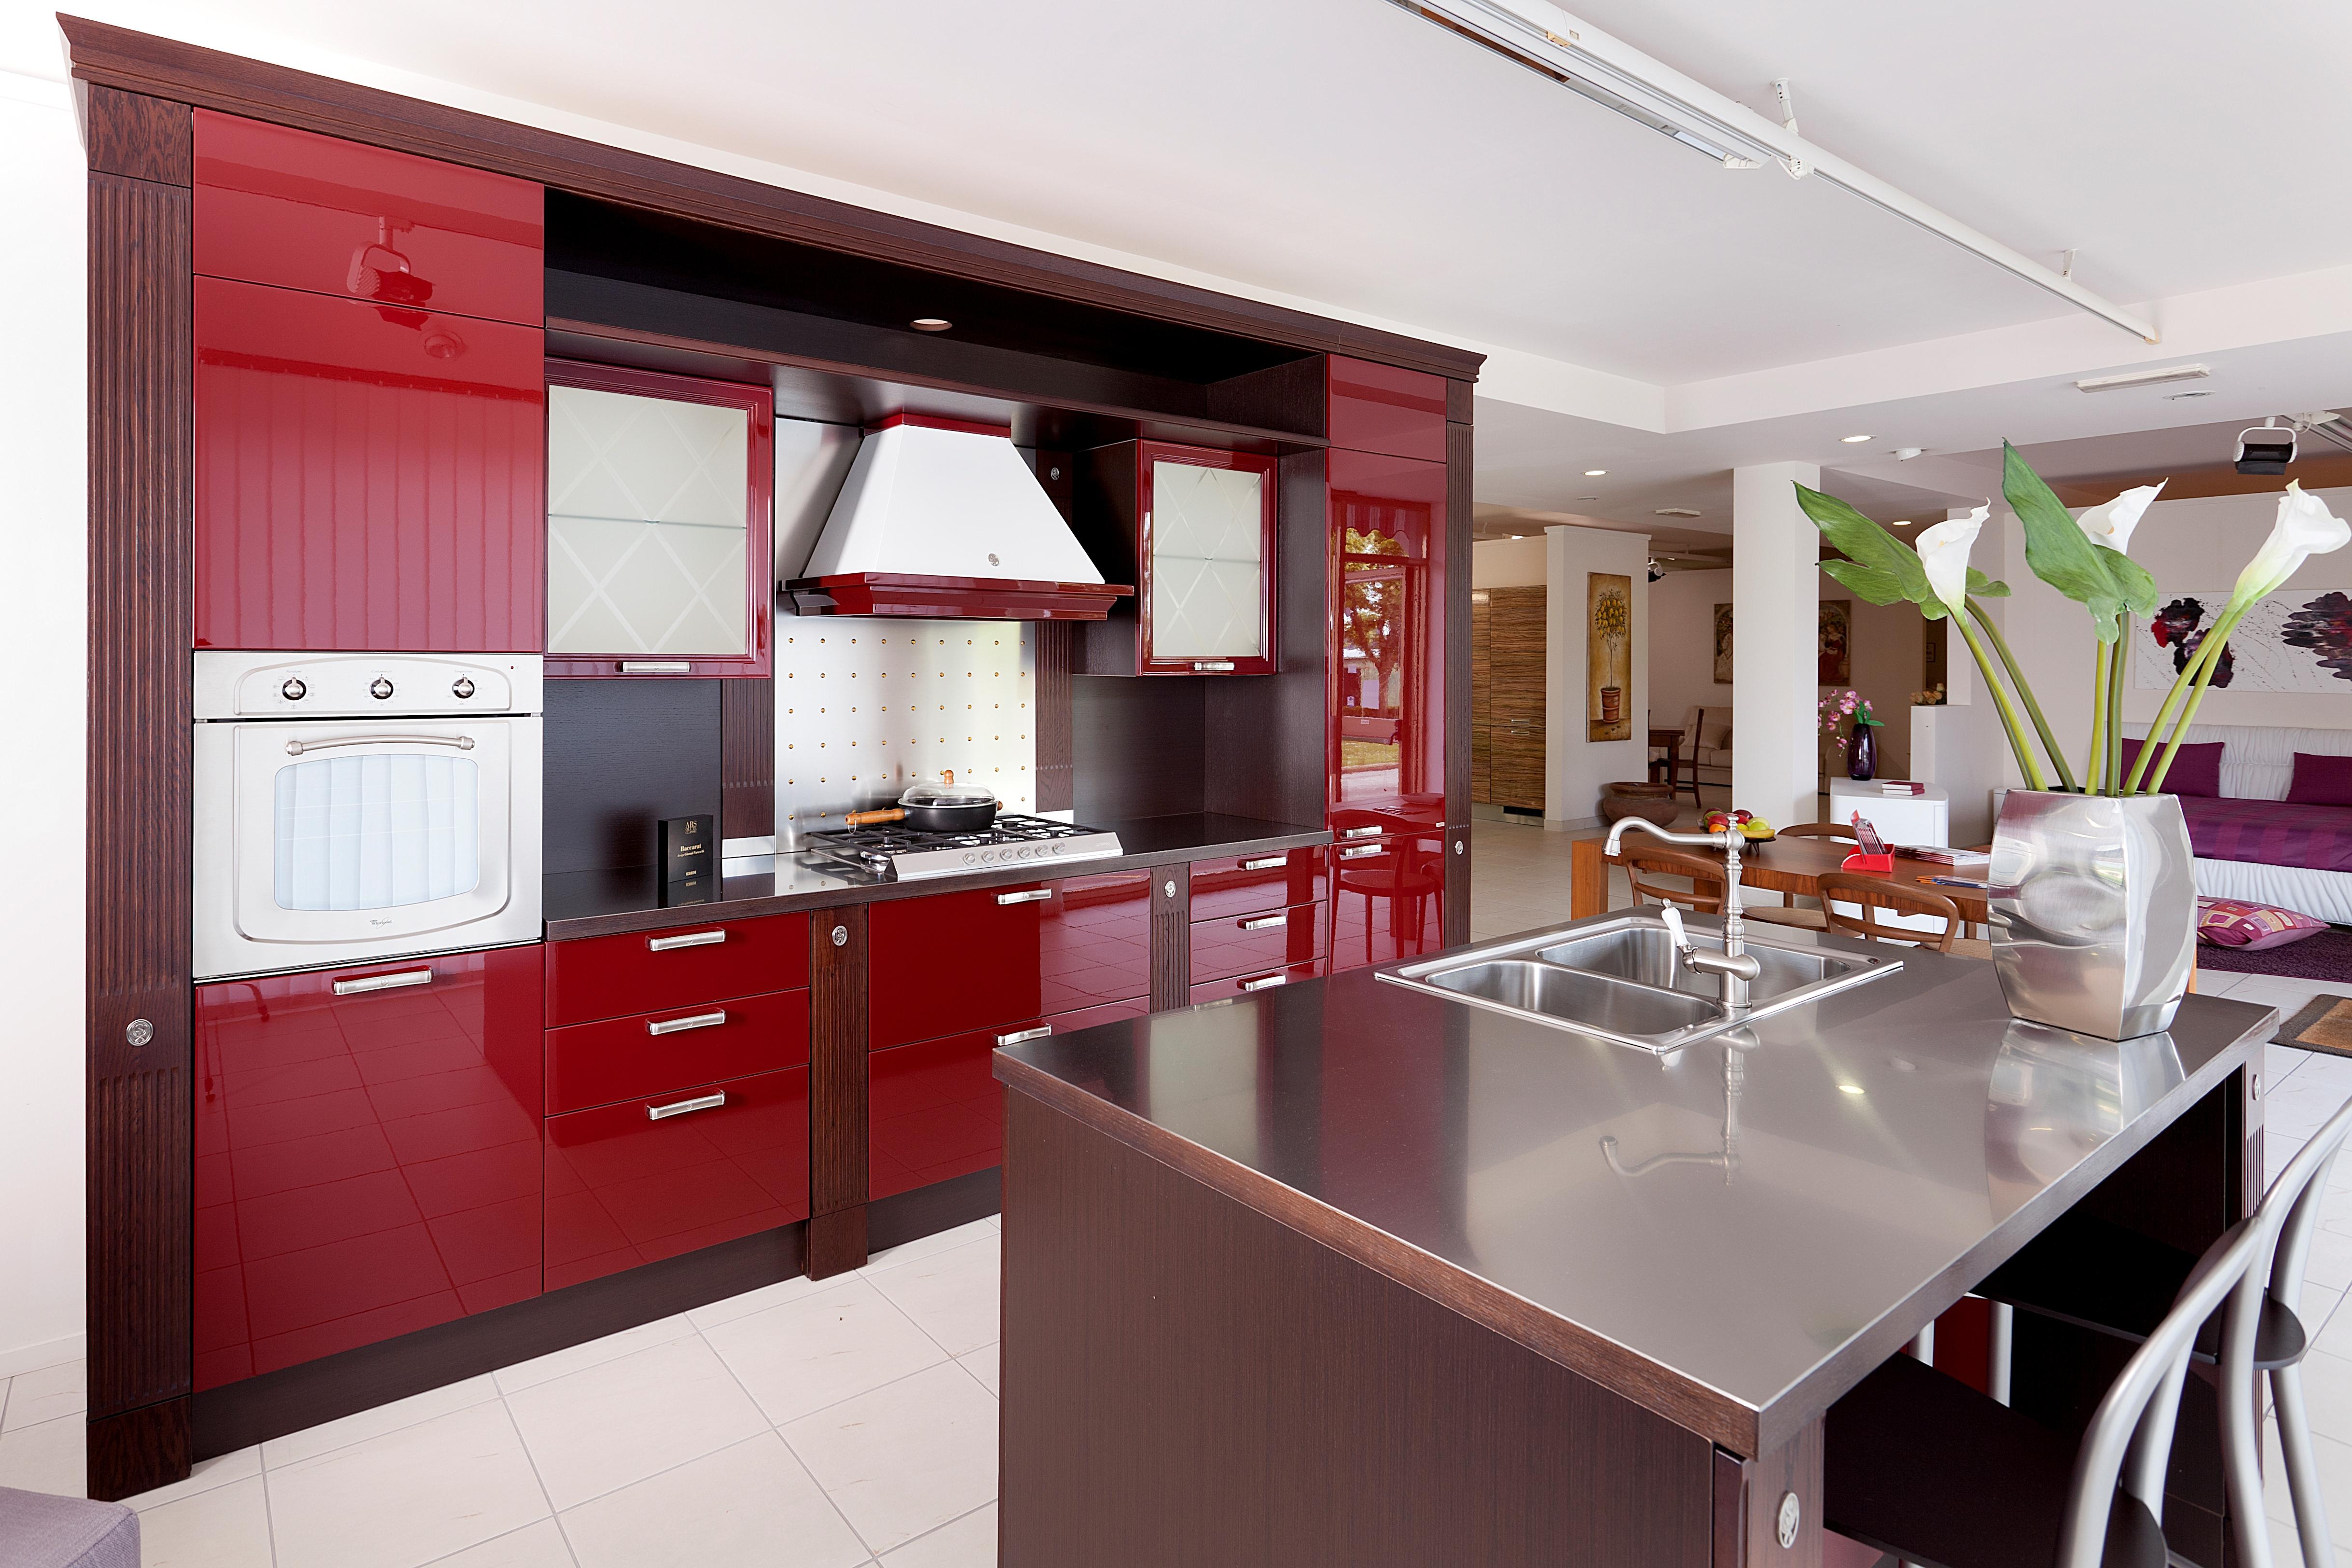 Beautiful dove comprare cucina gallery ideas design - Comprare cucina senza elettrodomestici ...